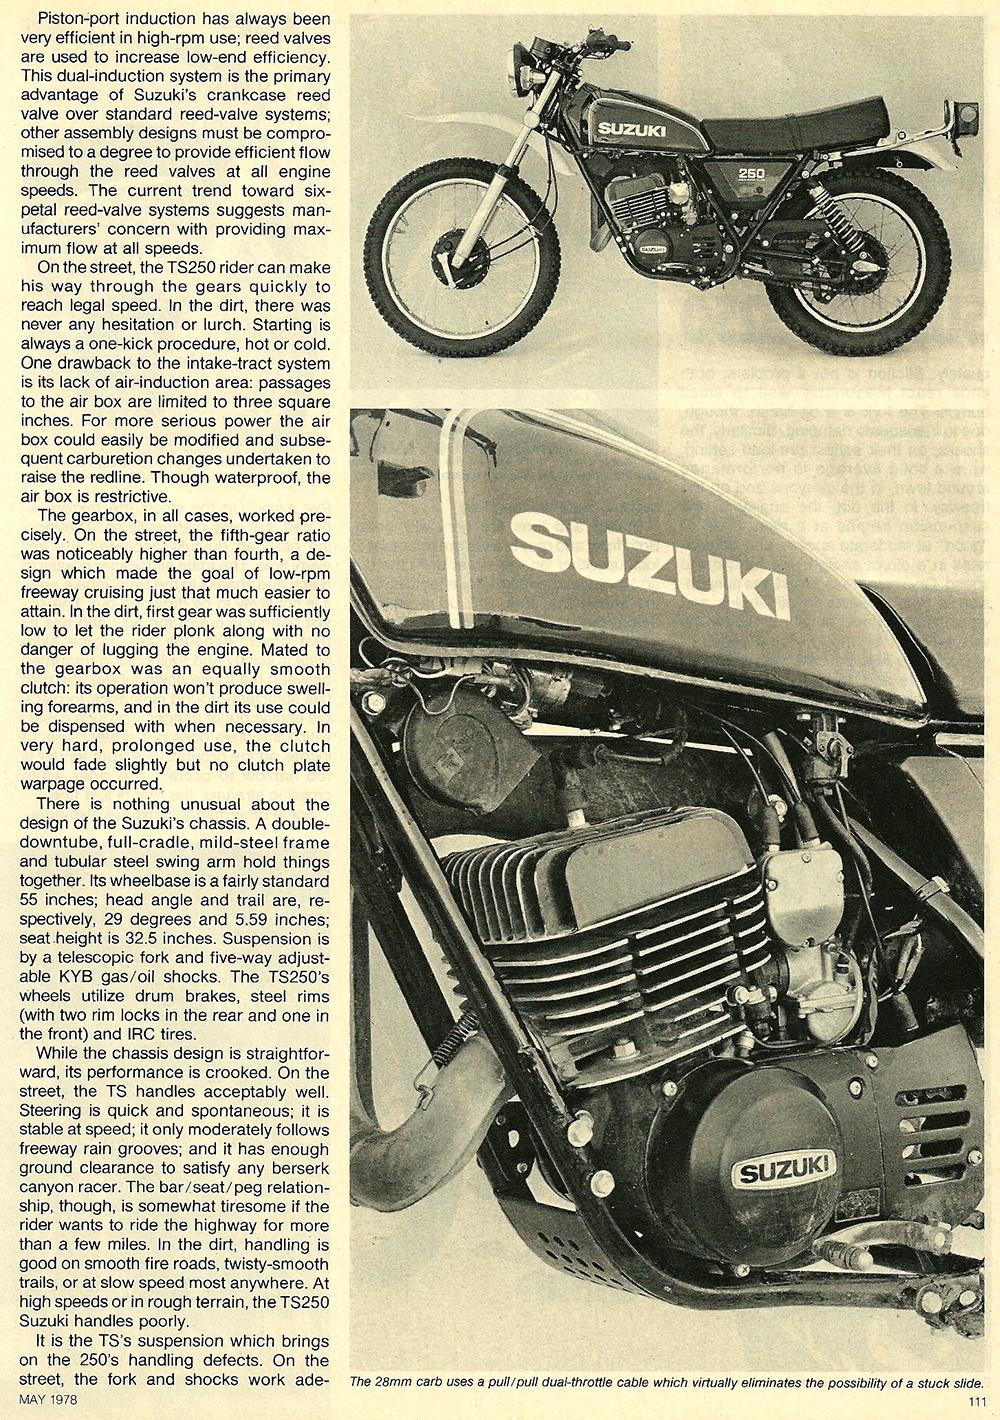 1978 Suzuki TS250 road test 03.jpg